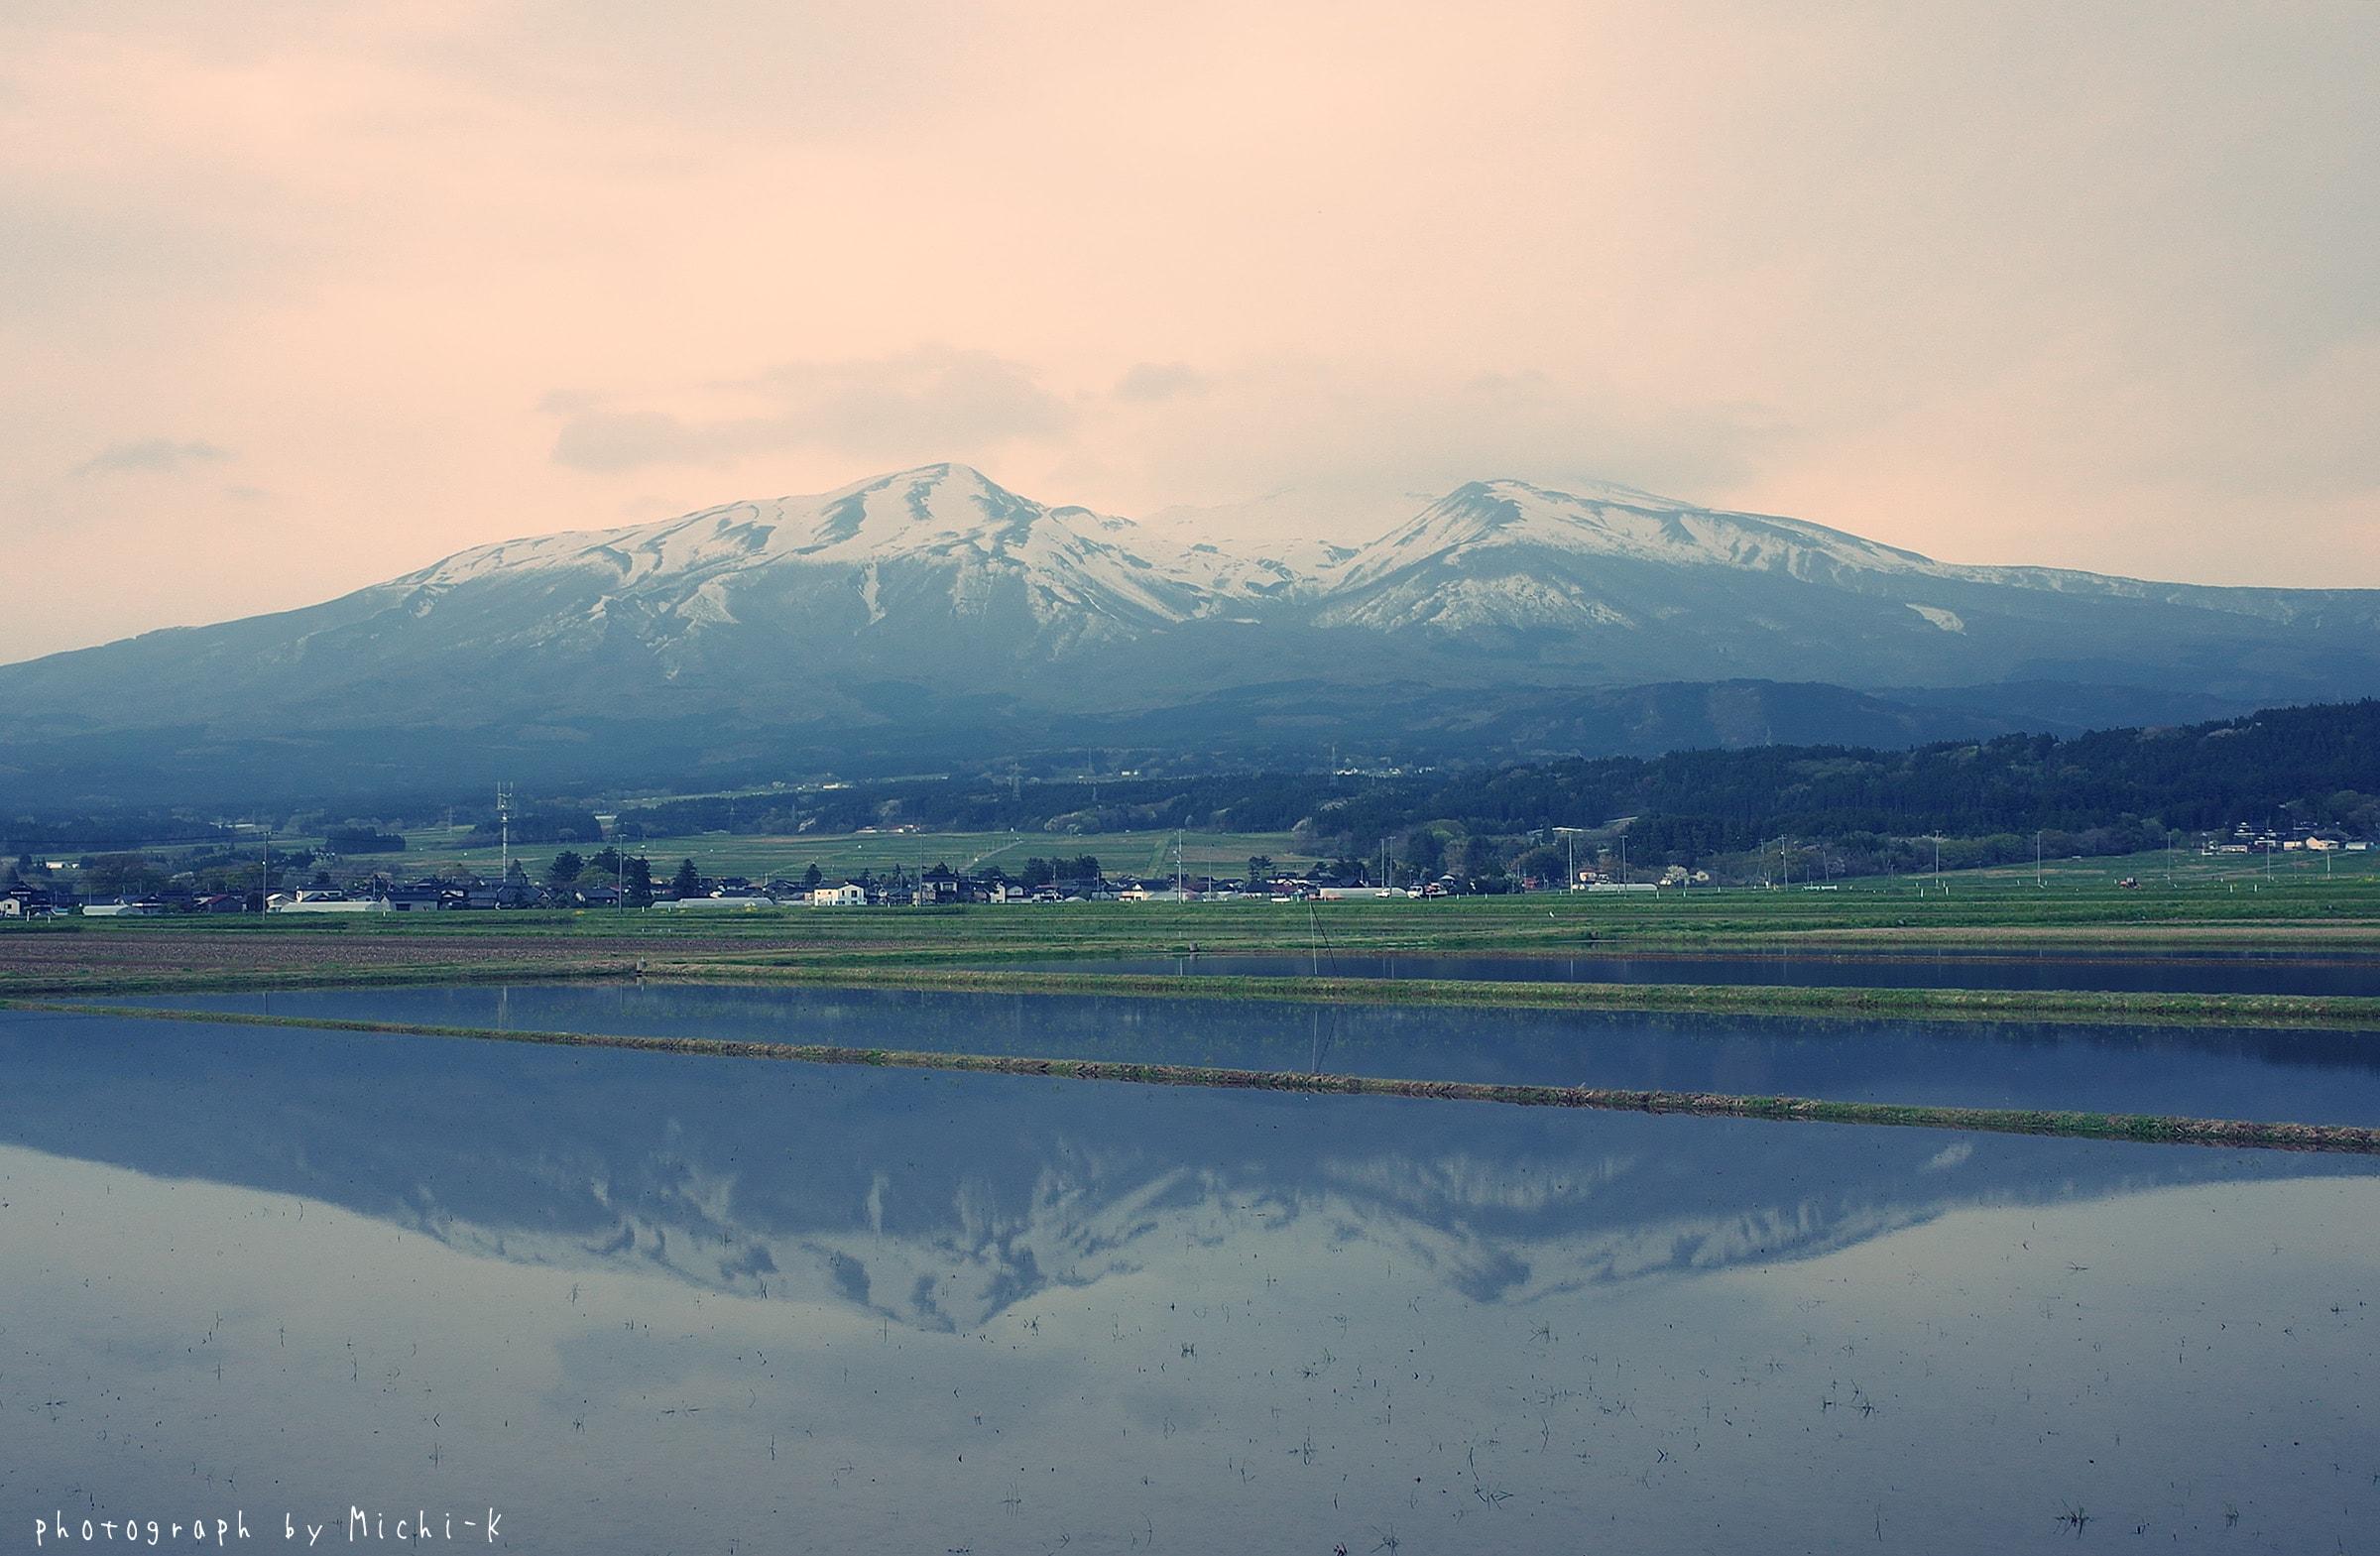 鳥海山、山形県遊佐町から臨んで。